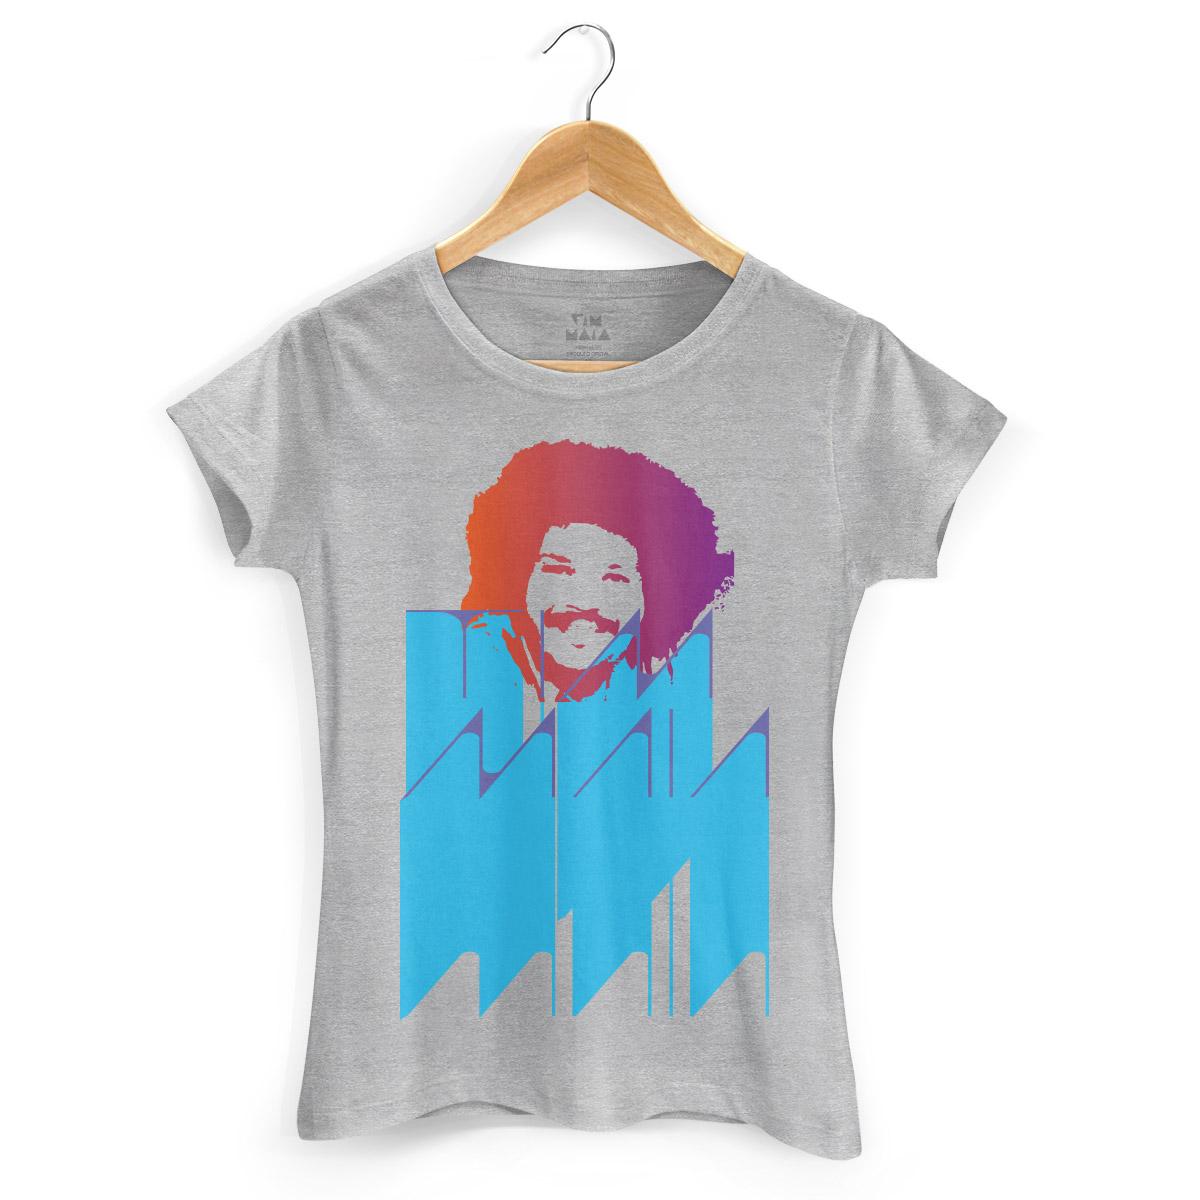 Camiseta Feminina Tim Maia Colors 2